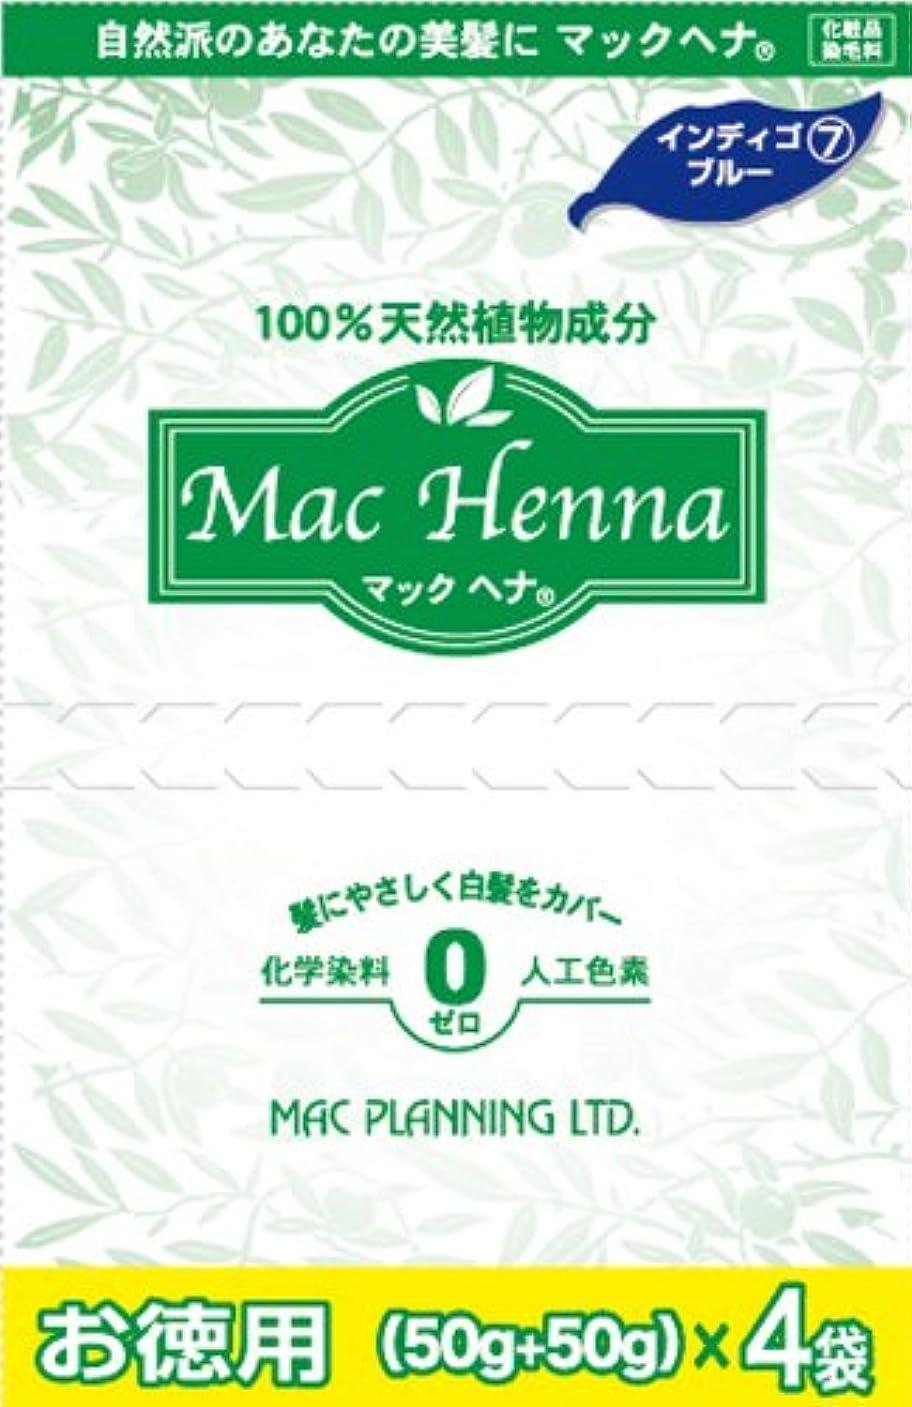 根拠誰でも正直天然植物原料100% 無添加 マックヘナ お徳用(インディゴブルー)-7 400g(50g+50g)×4袋  2箱セット